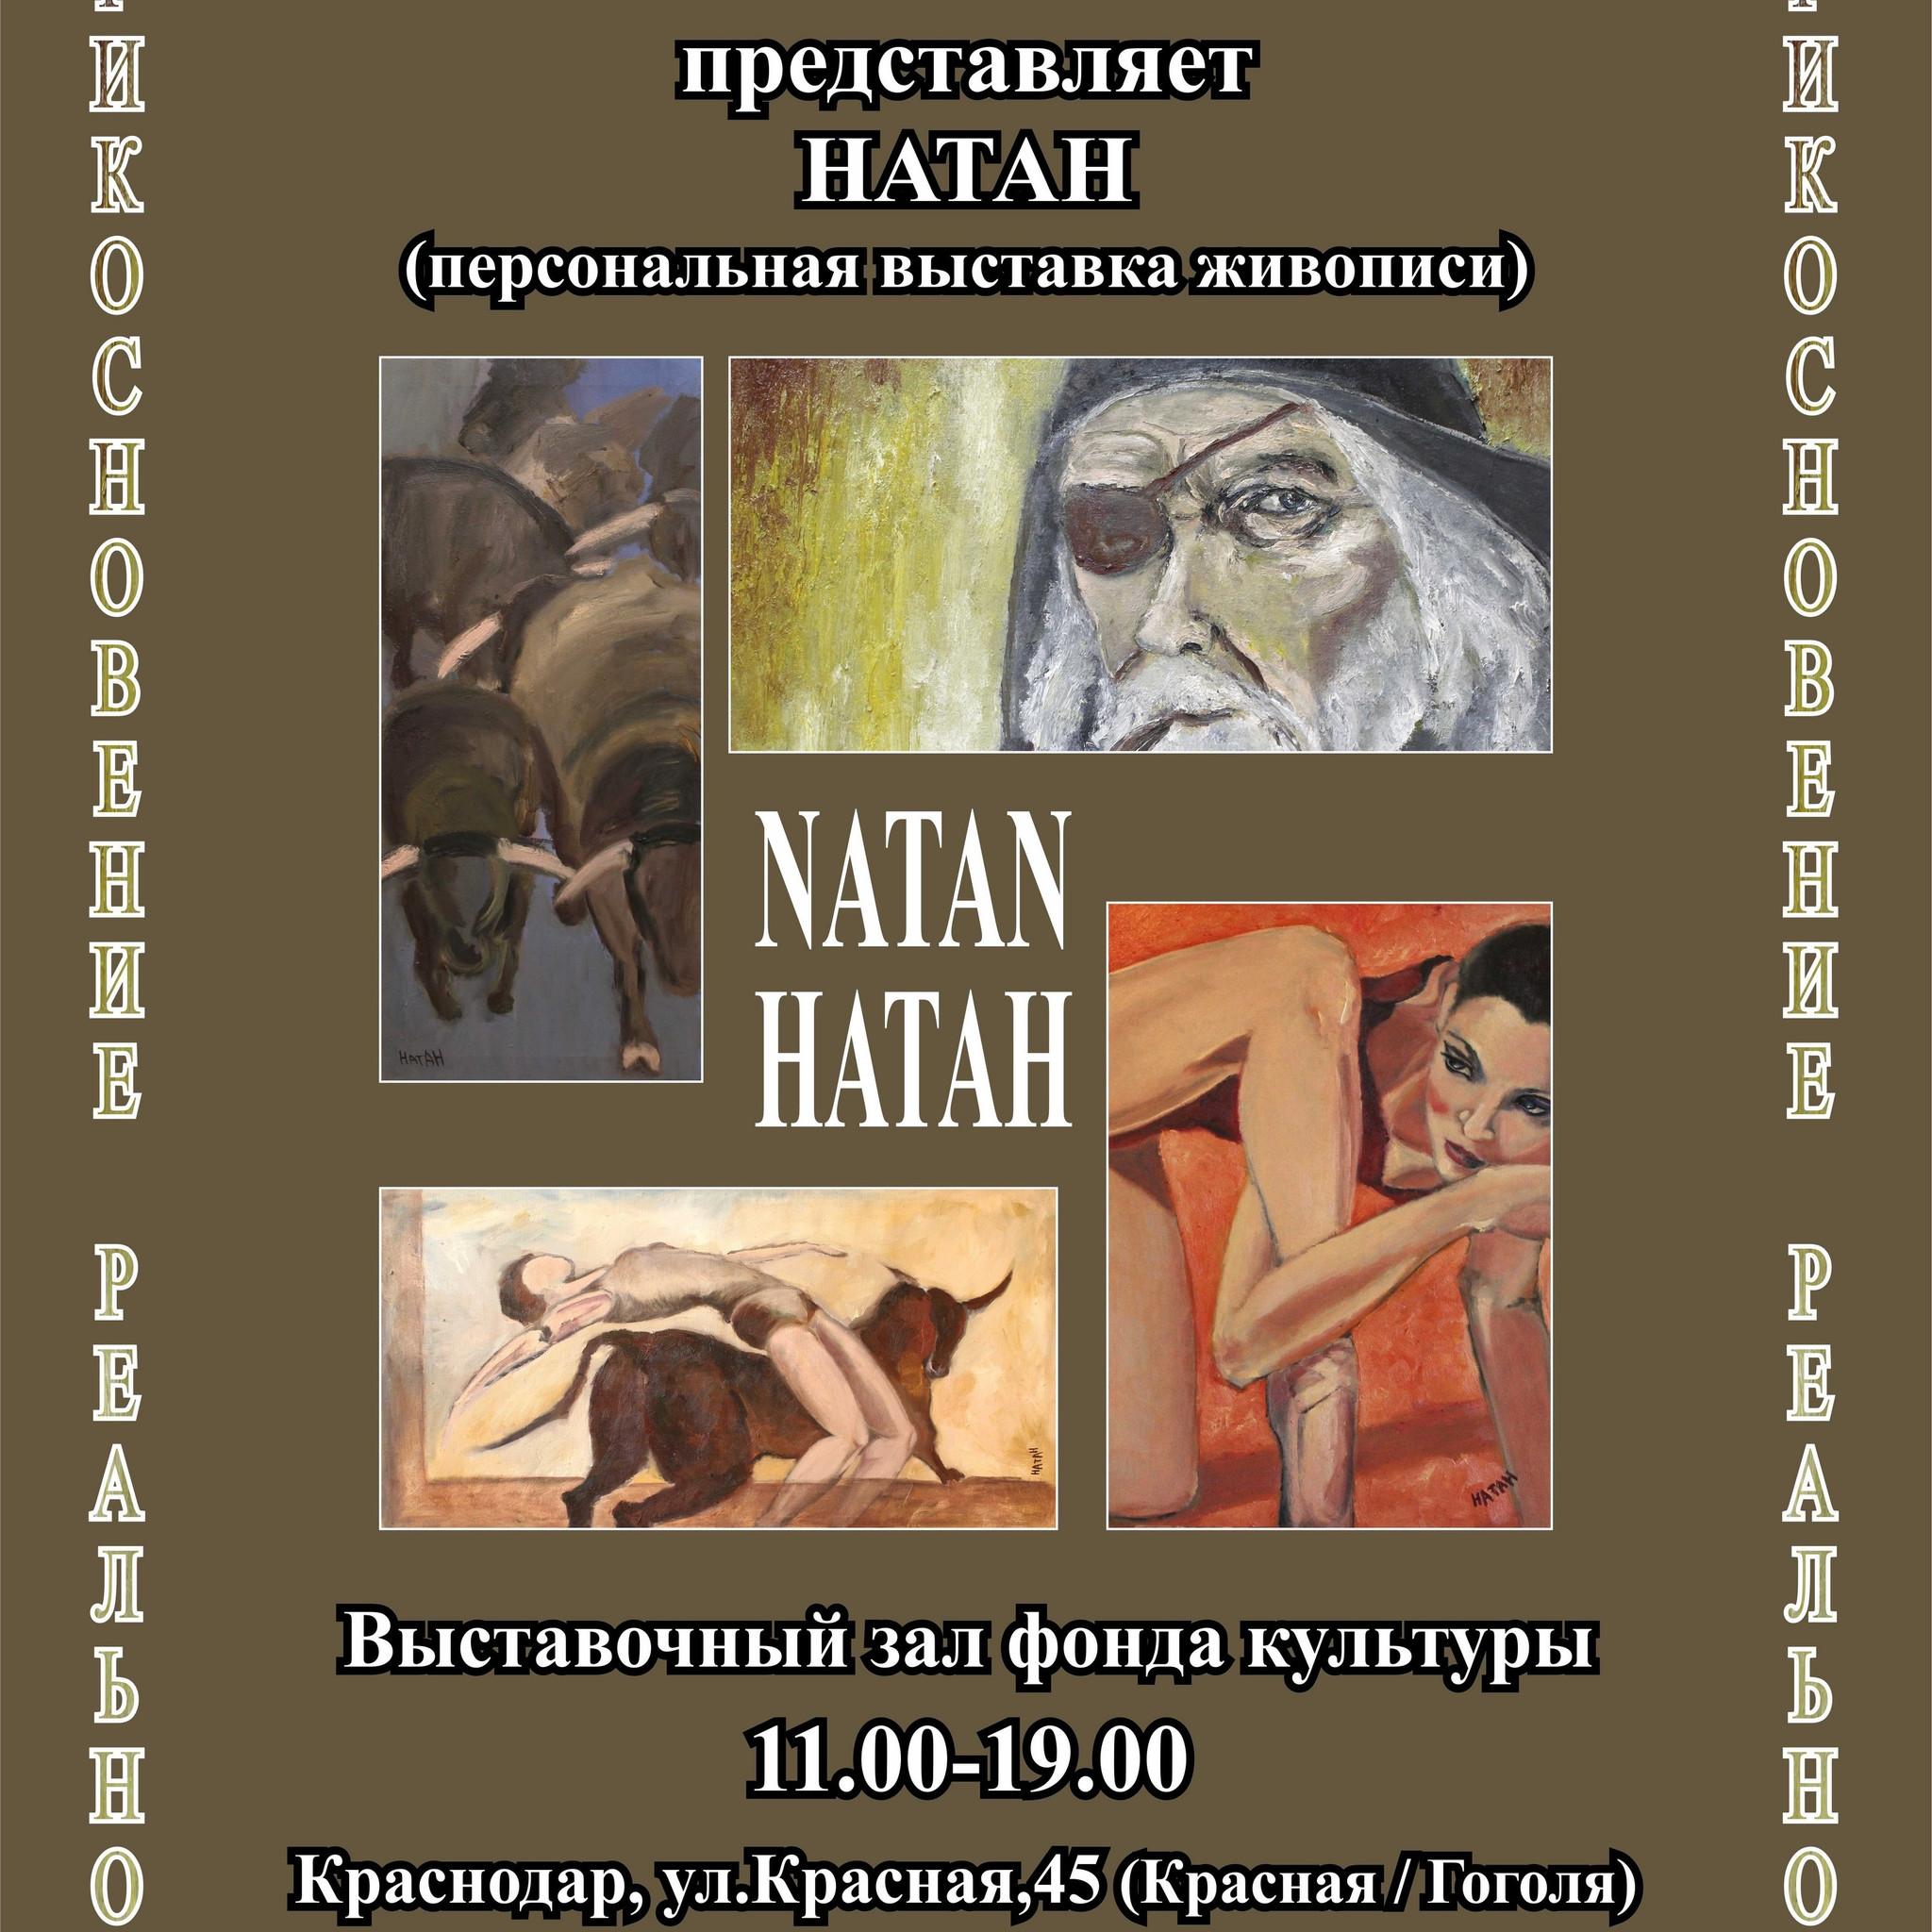 Персональная выставка Натальи Шевченко «Прикосновение реальности»